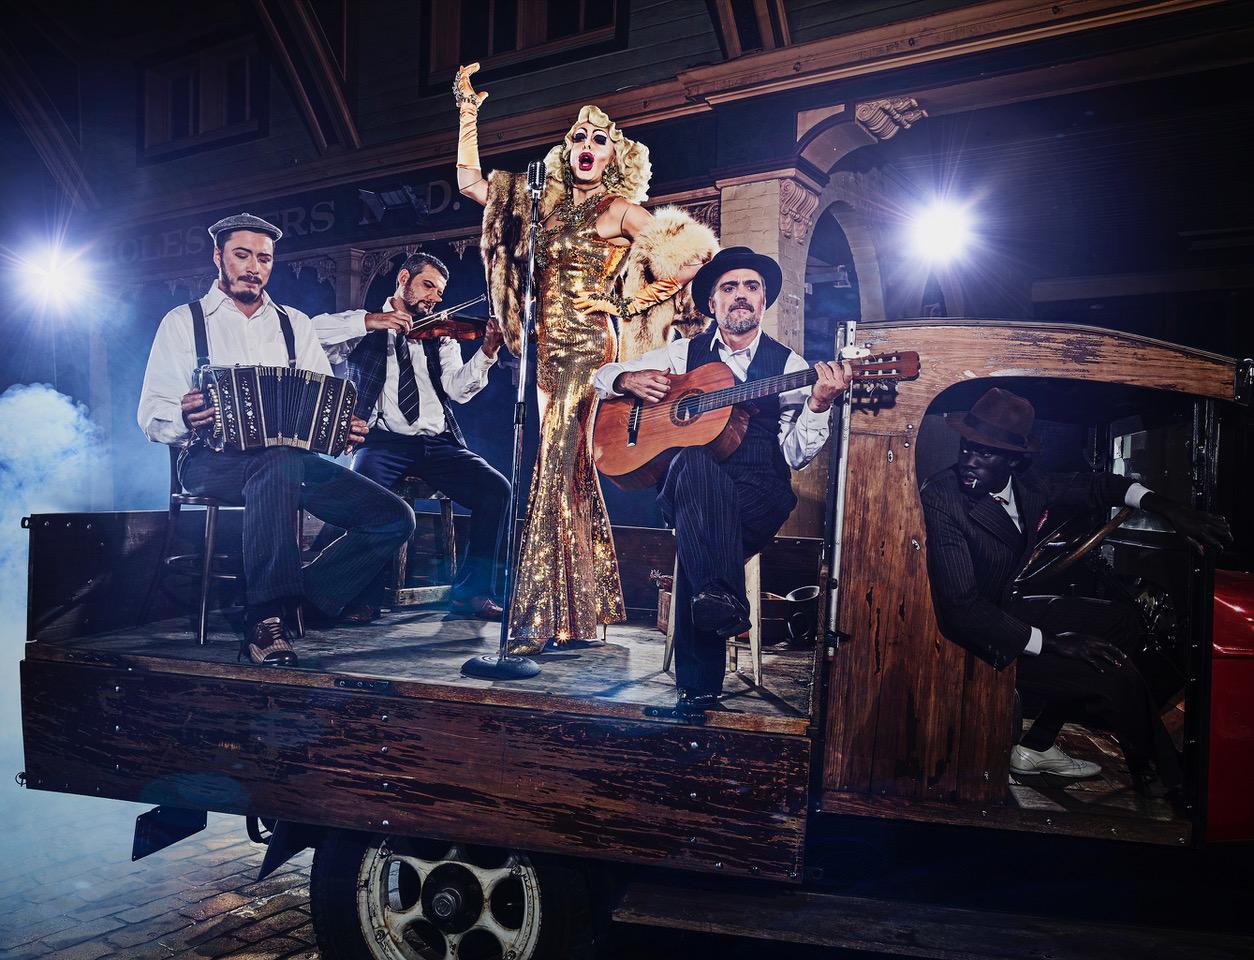 La Diva y los Músicos The Diva and Musicians